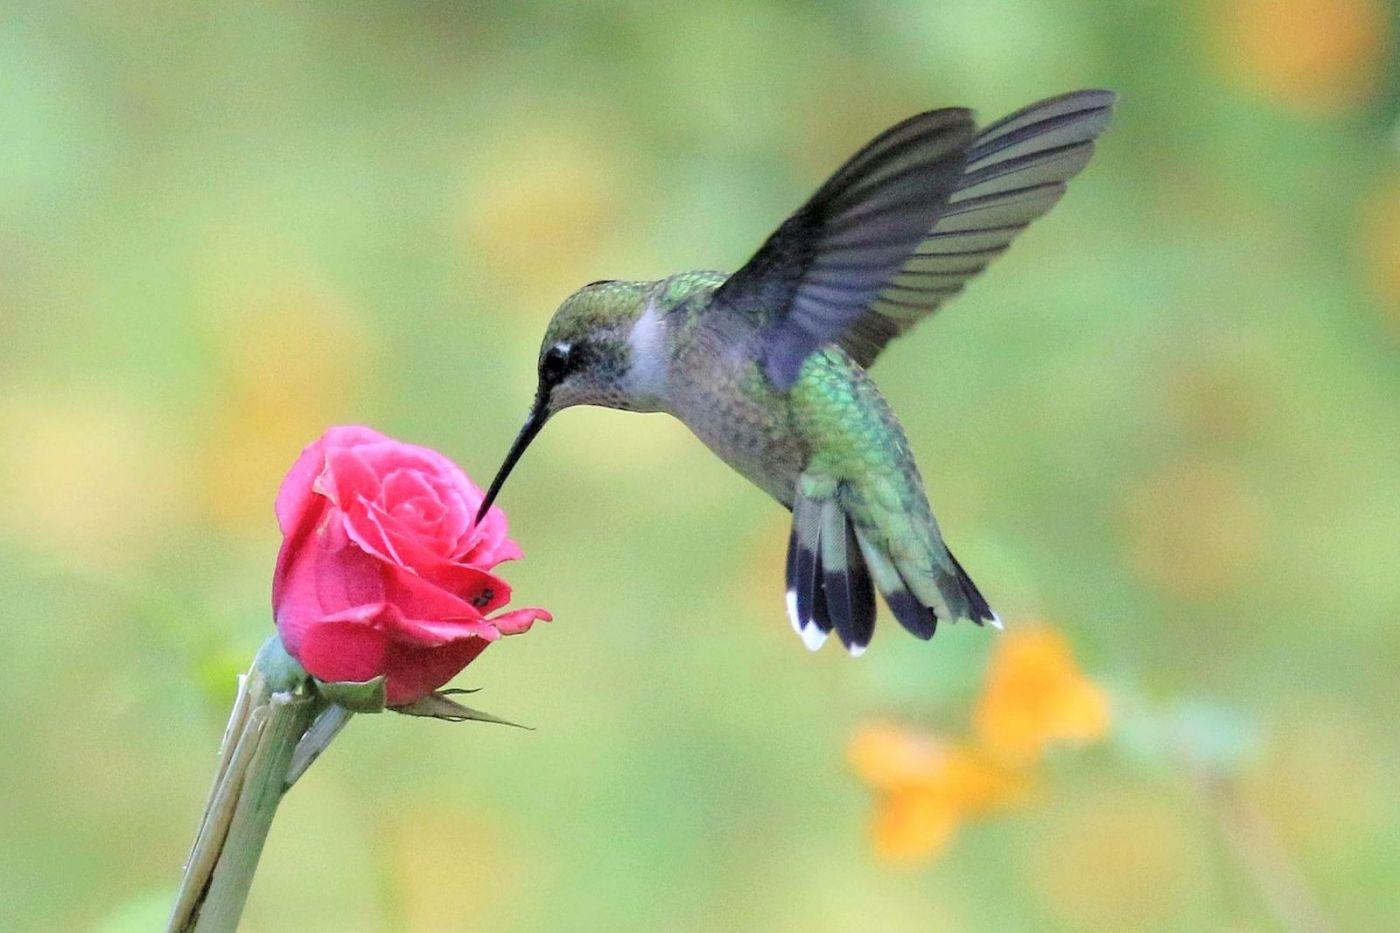 凯辛娜公园拍的蜂鸟_图1-11